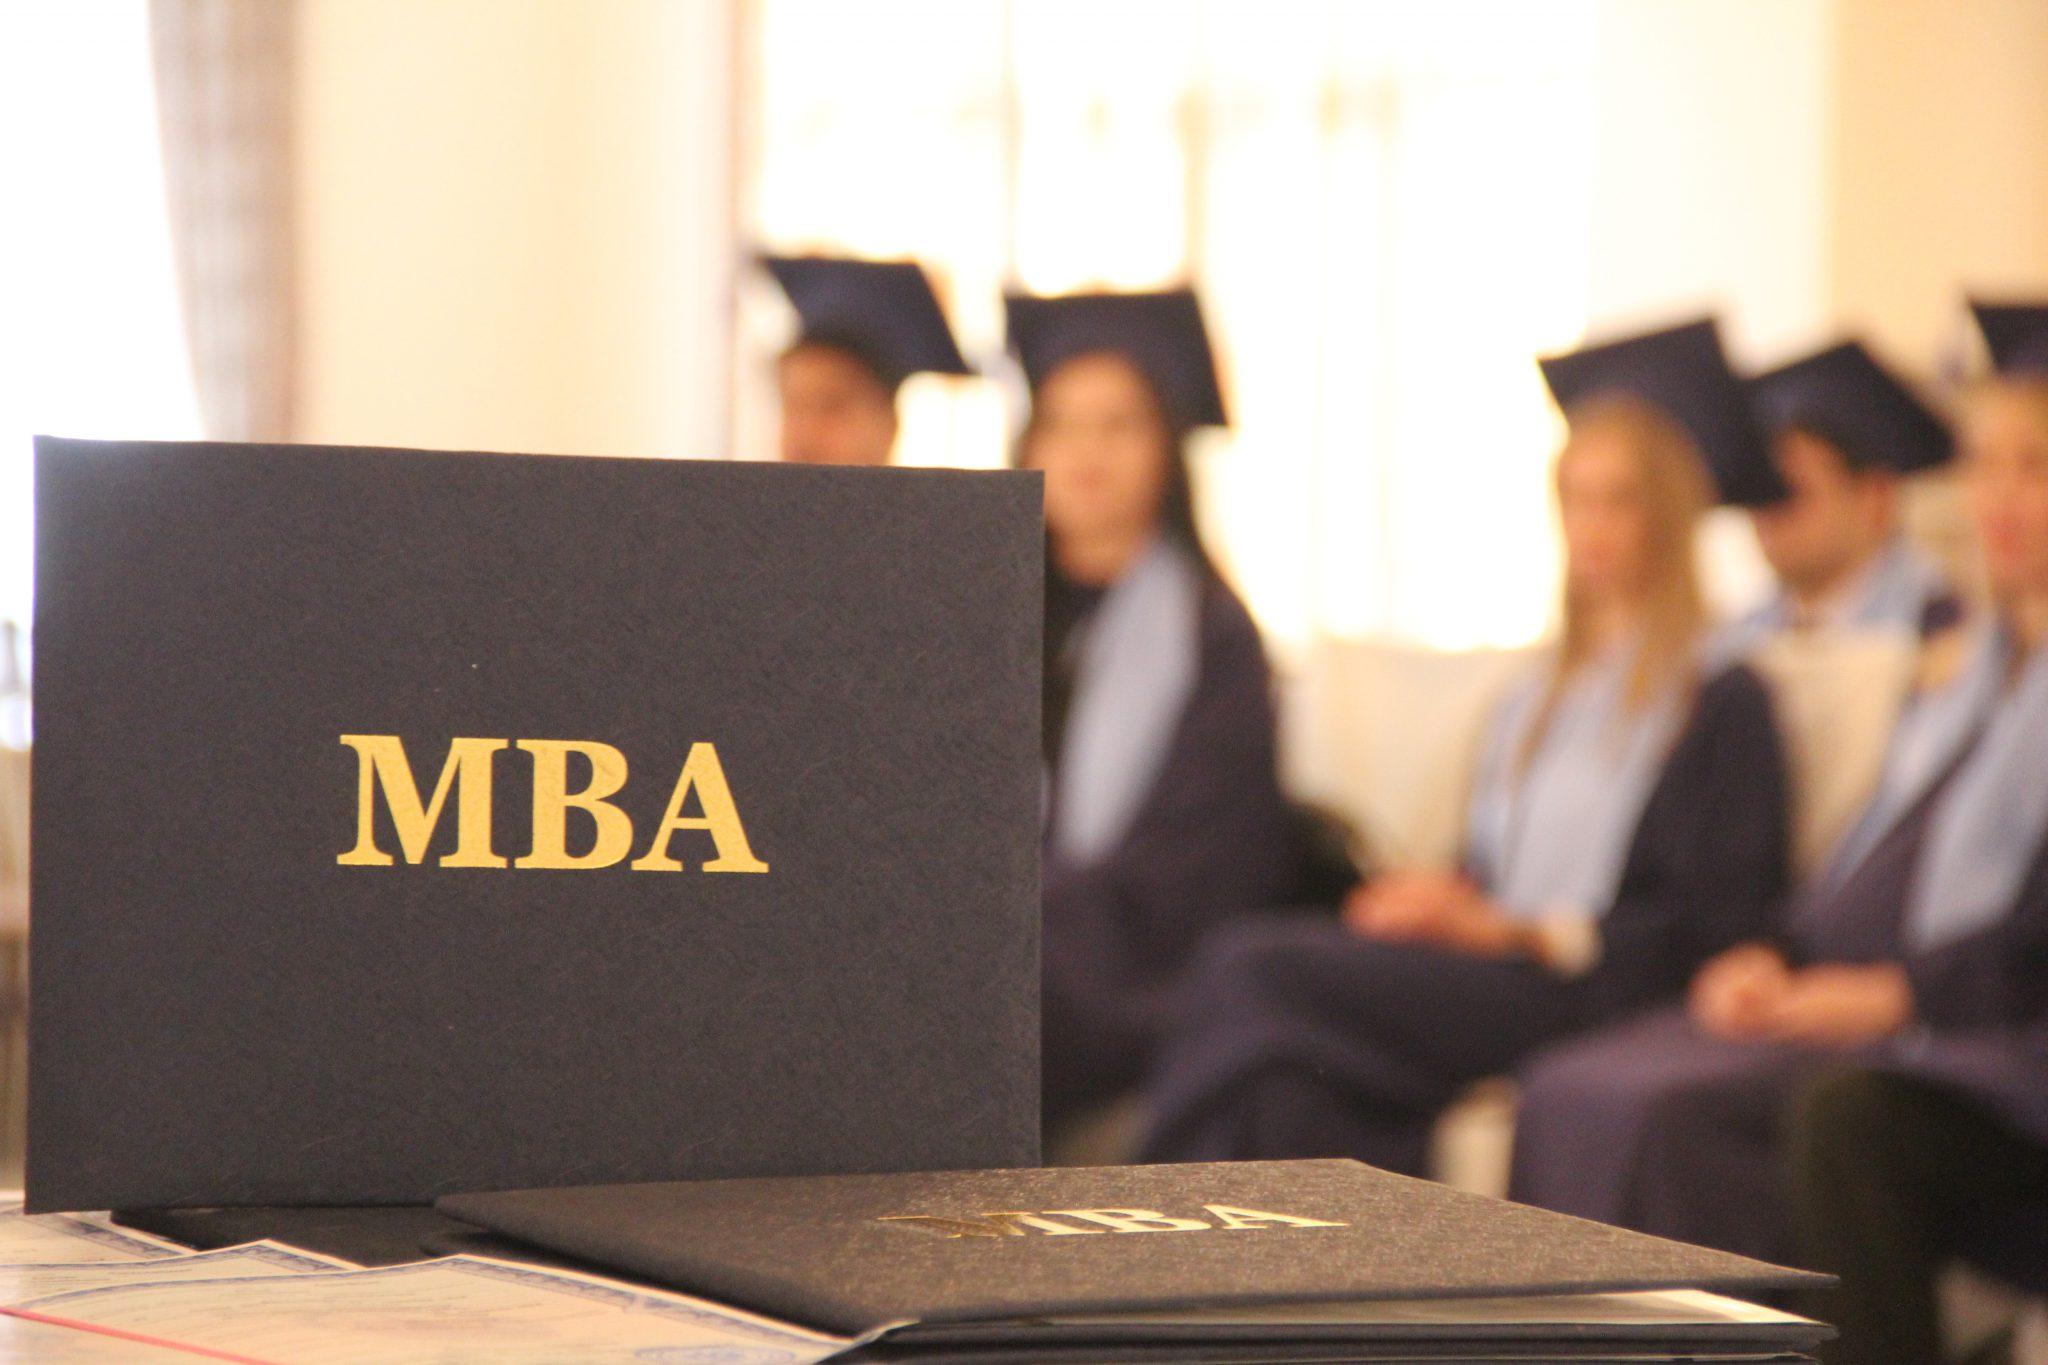 Что такое mba образование, кем работают такие специалисты